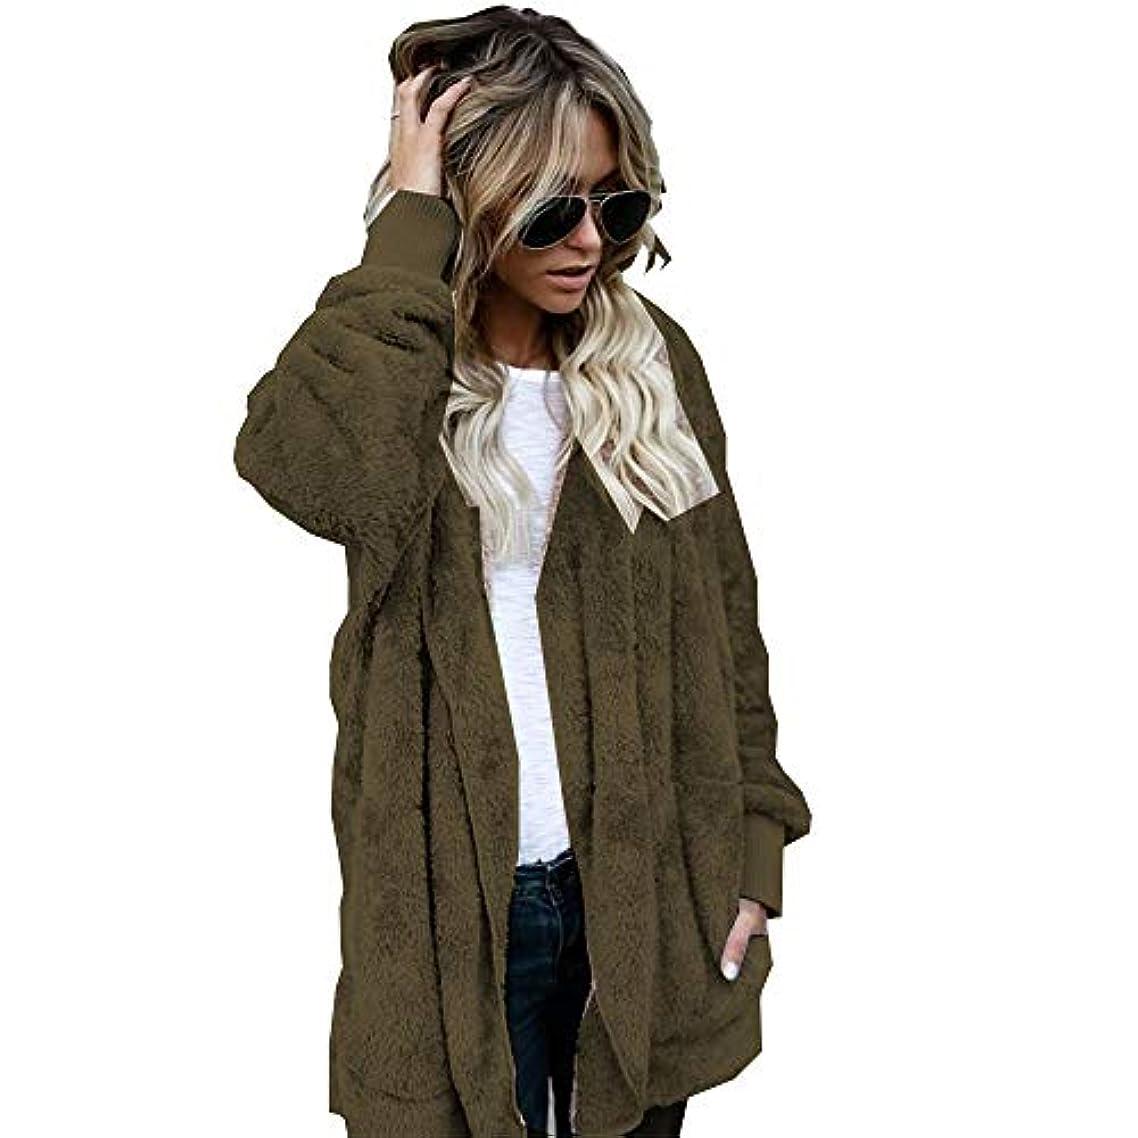 切るハイブリッド甘味MIFAN 長袖パーカー、冬のコート、女性のコート、女性の緩い厚く暖かいフェイクファーフード付きカーディガン